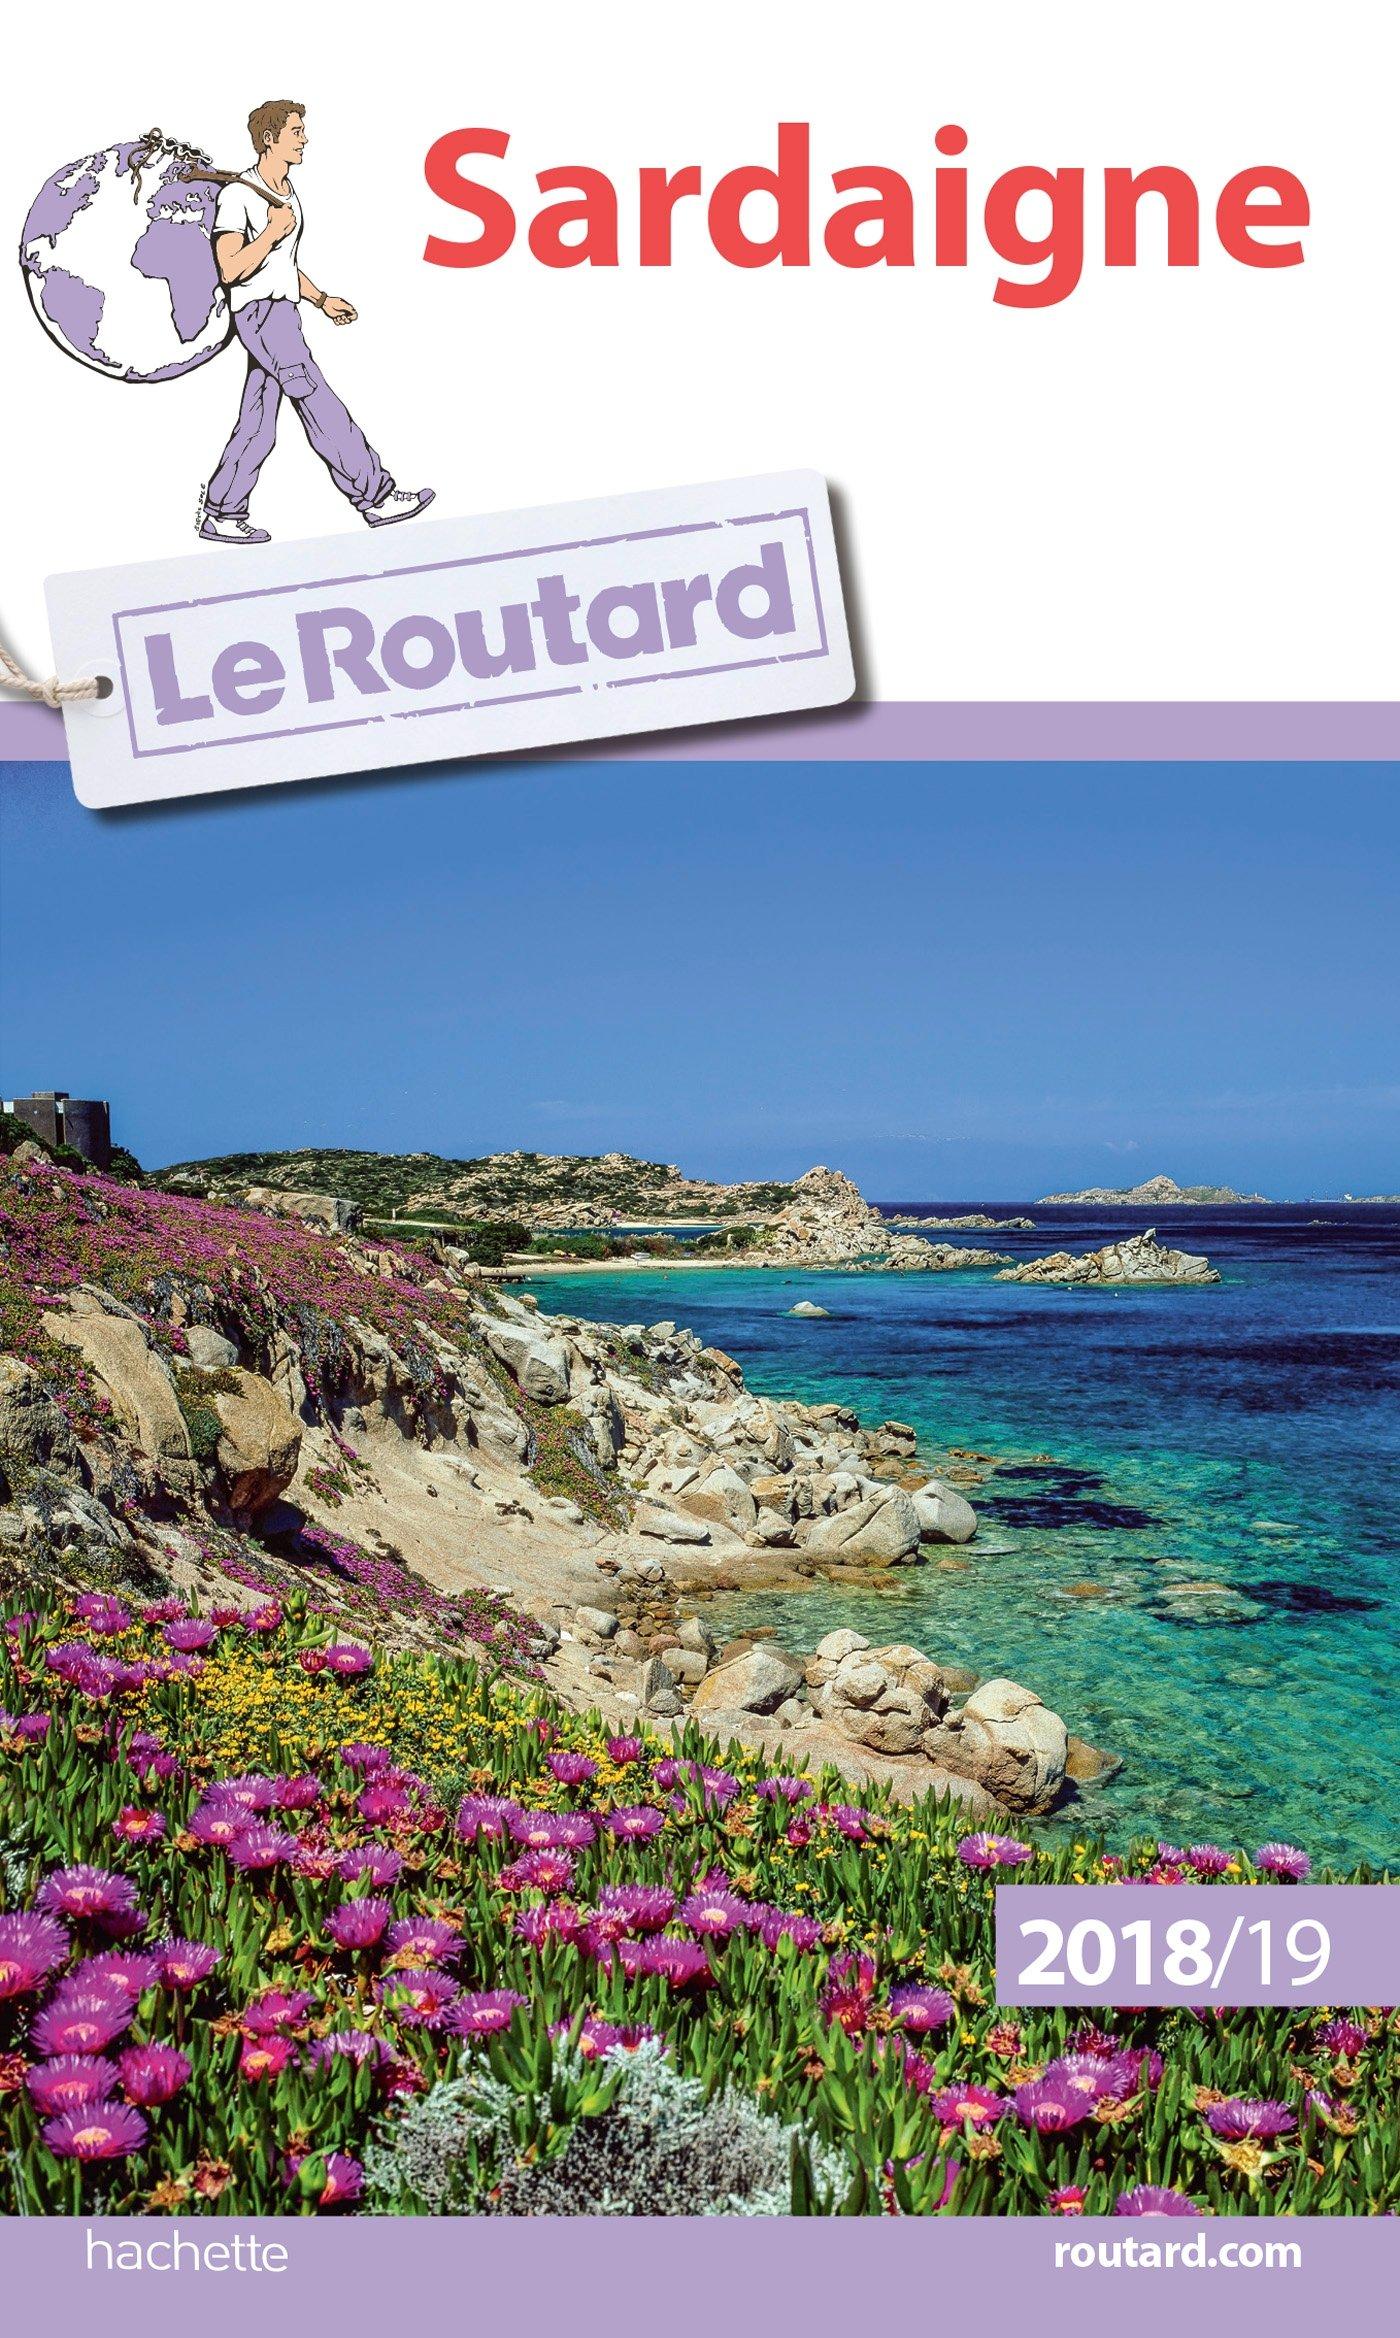 Guide du Routard Sardaigne 2018/19 Broché – 18 avril 2018 Collectif Hachette Tourisme 201626652X TRAVEL / General